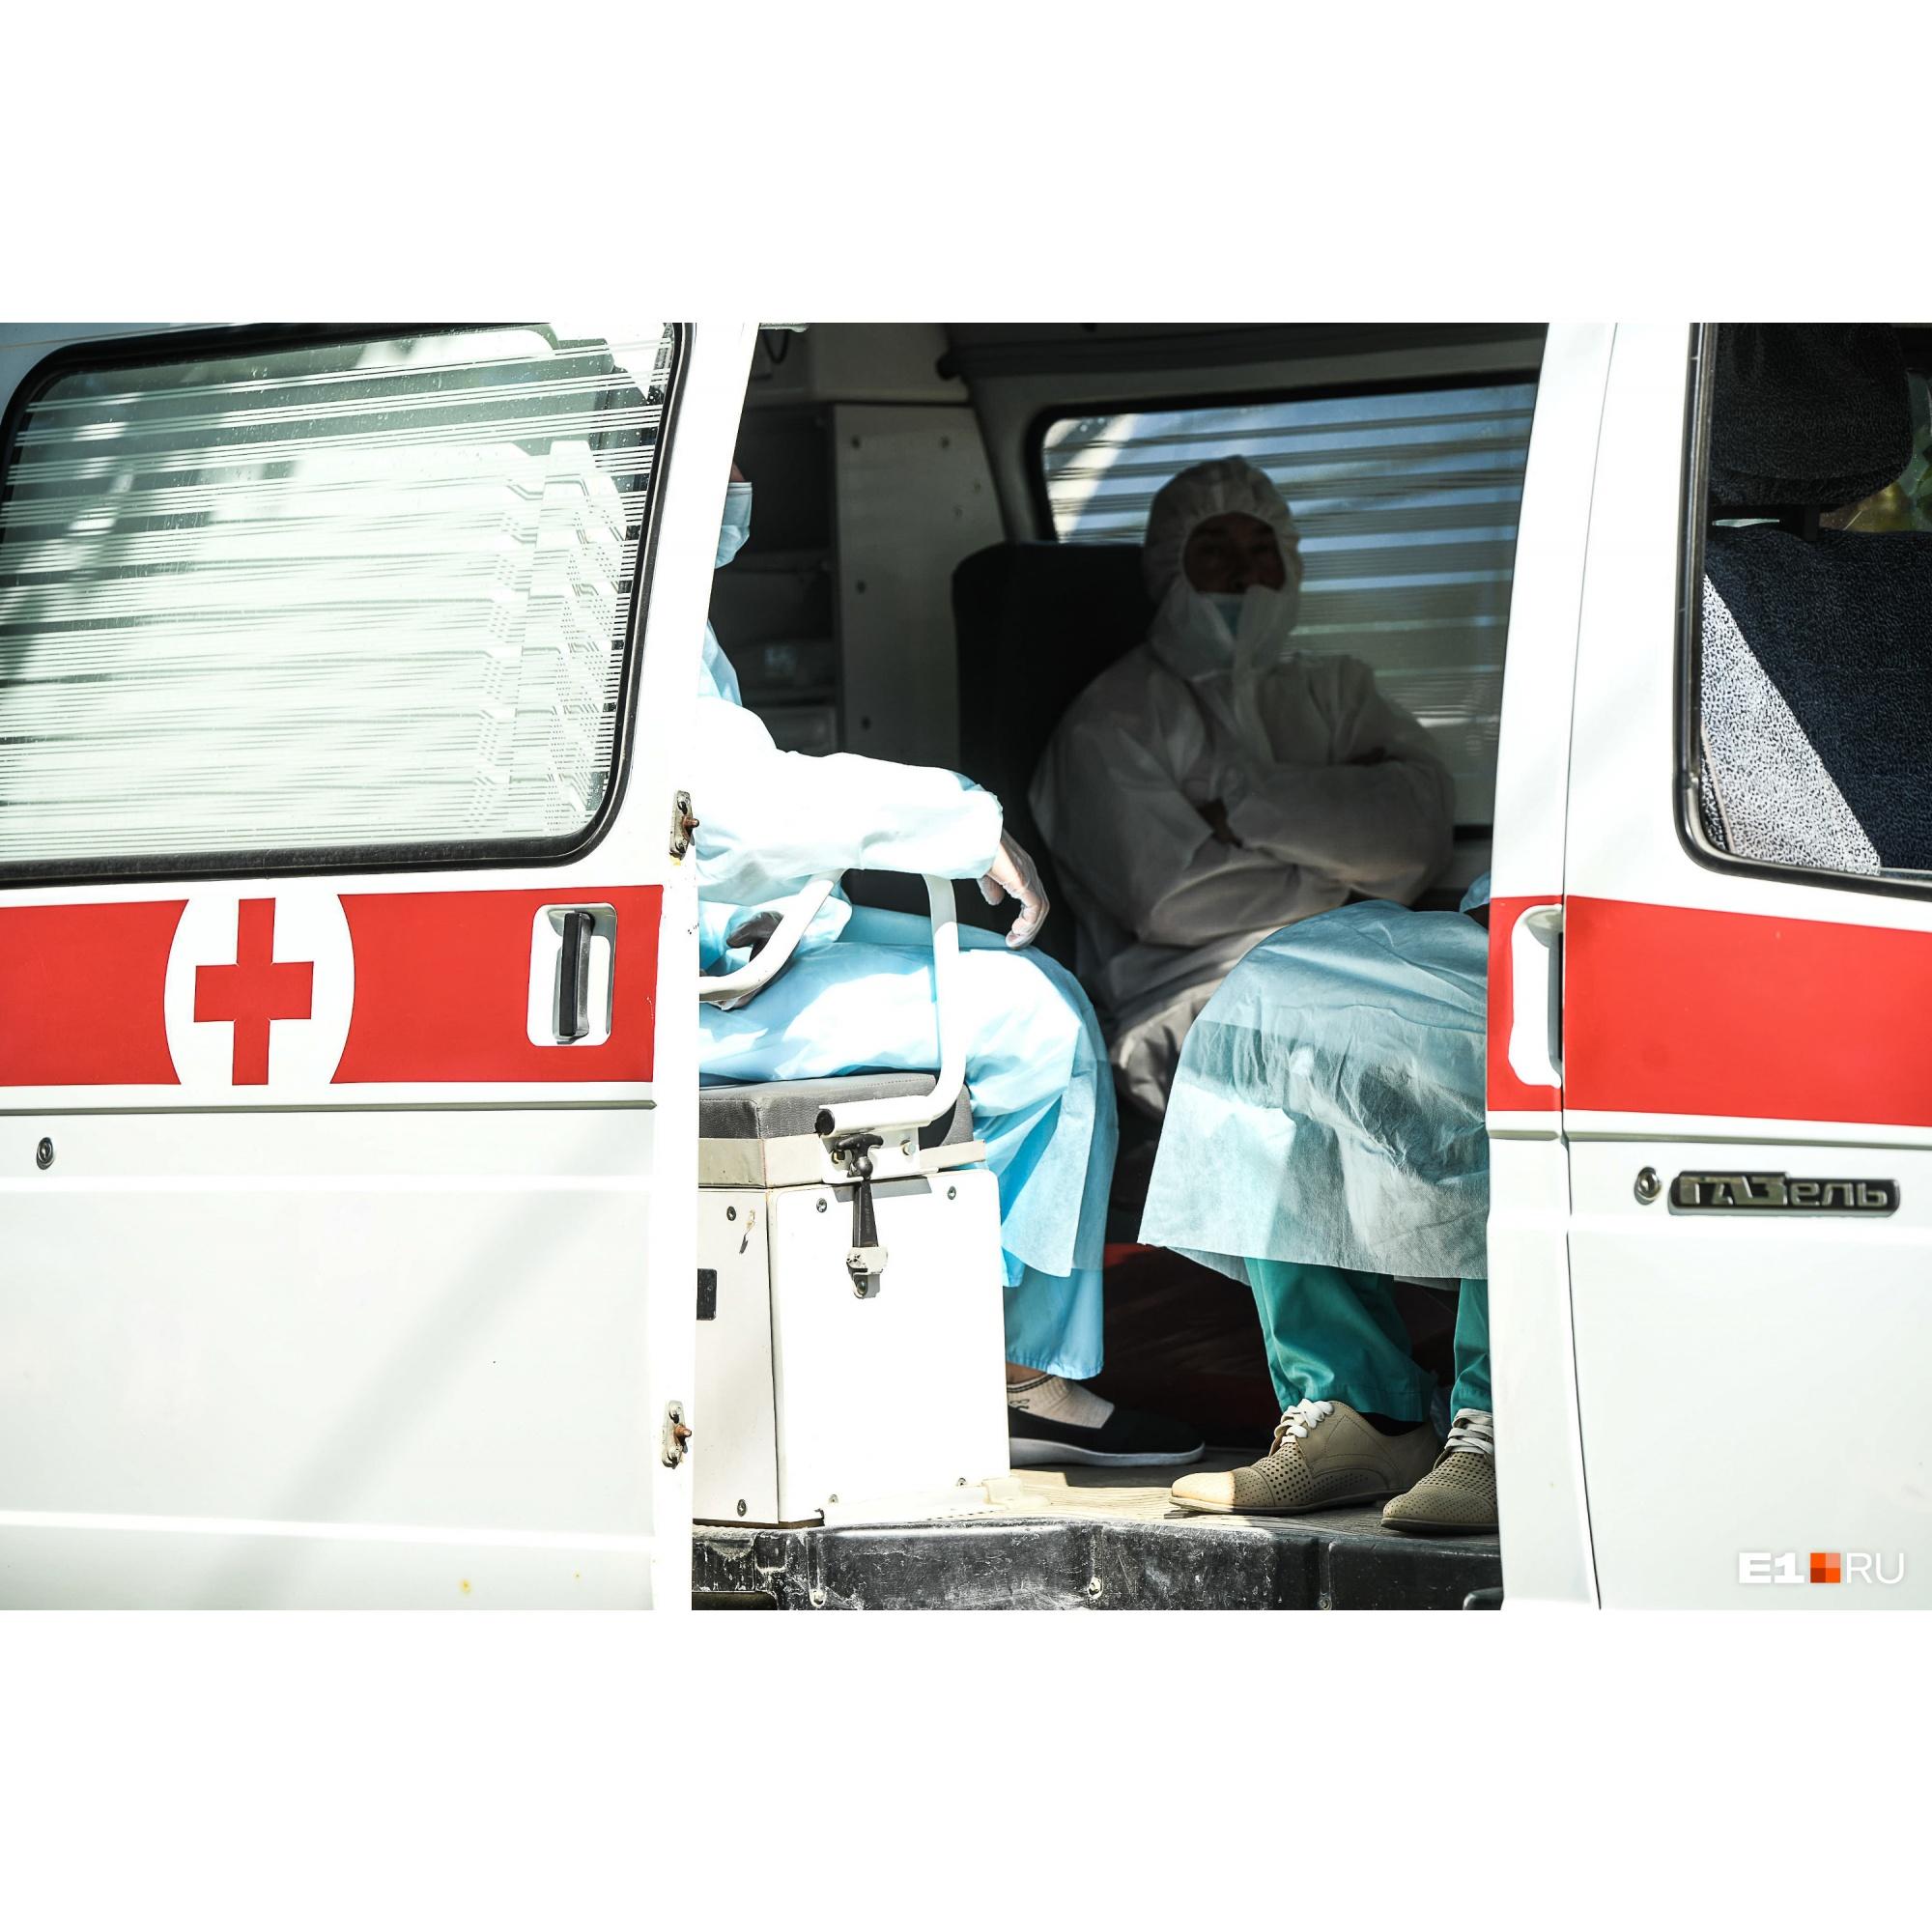 Во время пандемии несколько раз было так, что на смену не вышел ни один врач. Многие медики болели